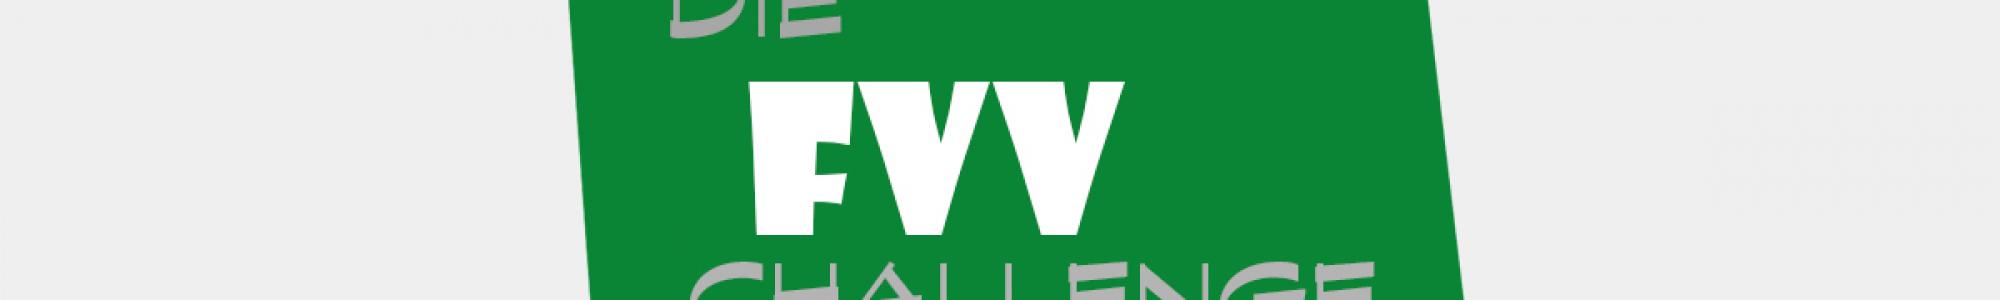 FVV Challenge_Laufen